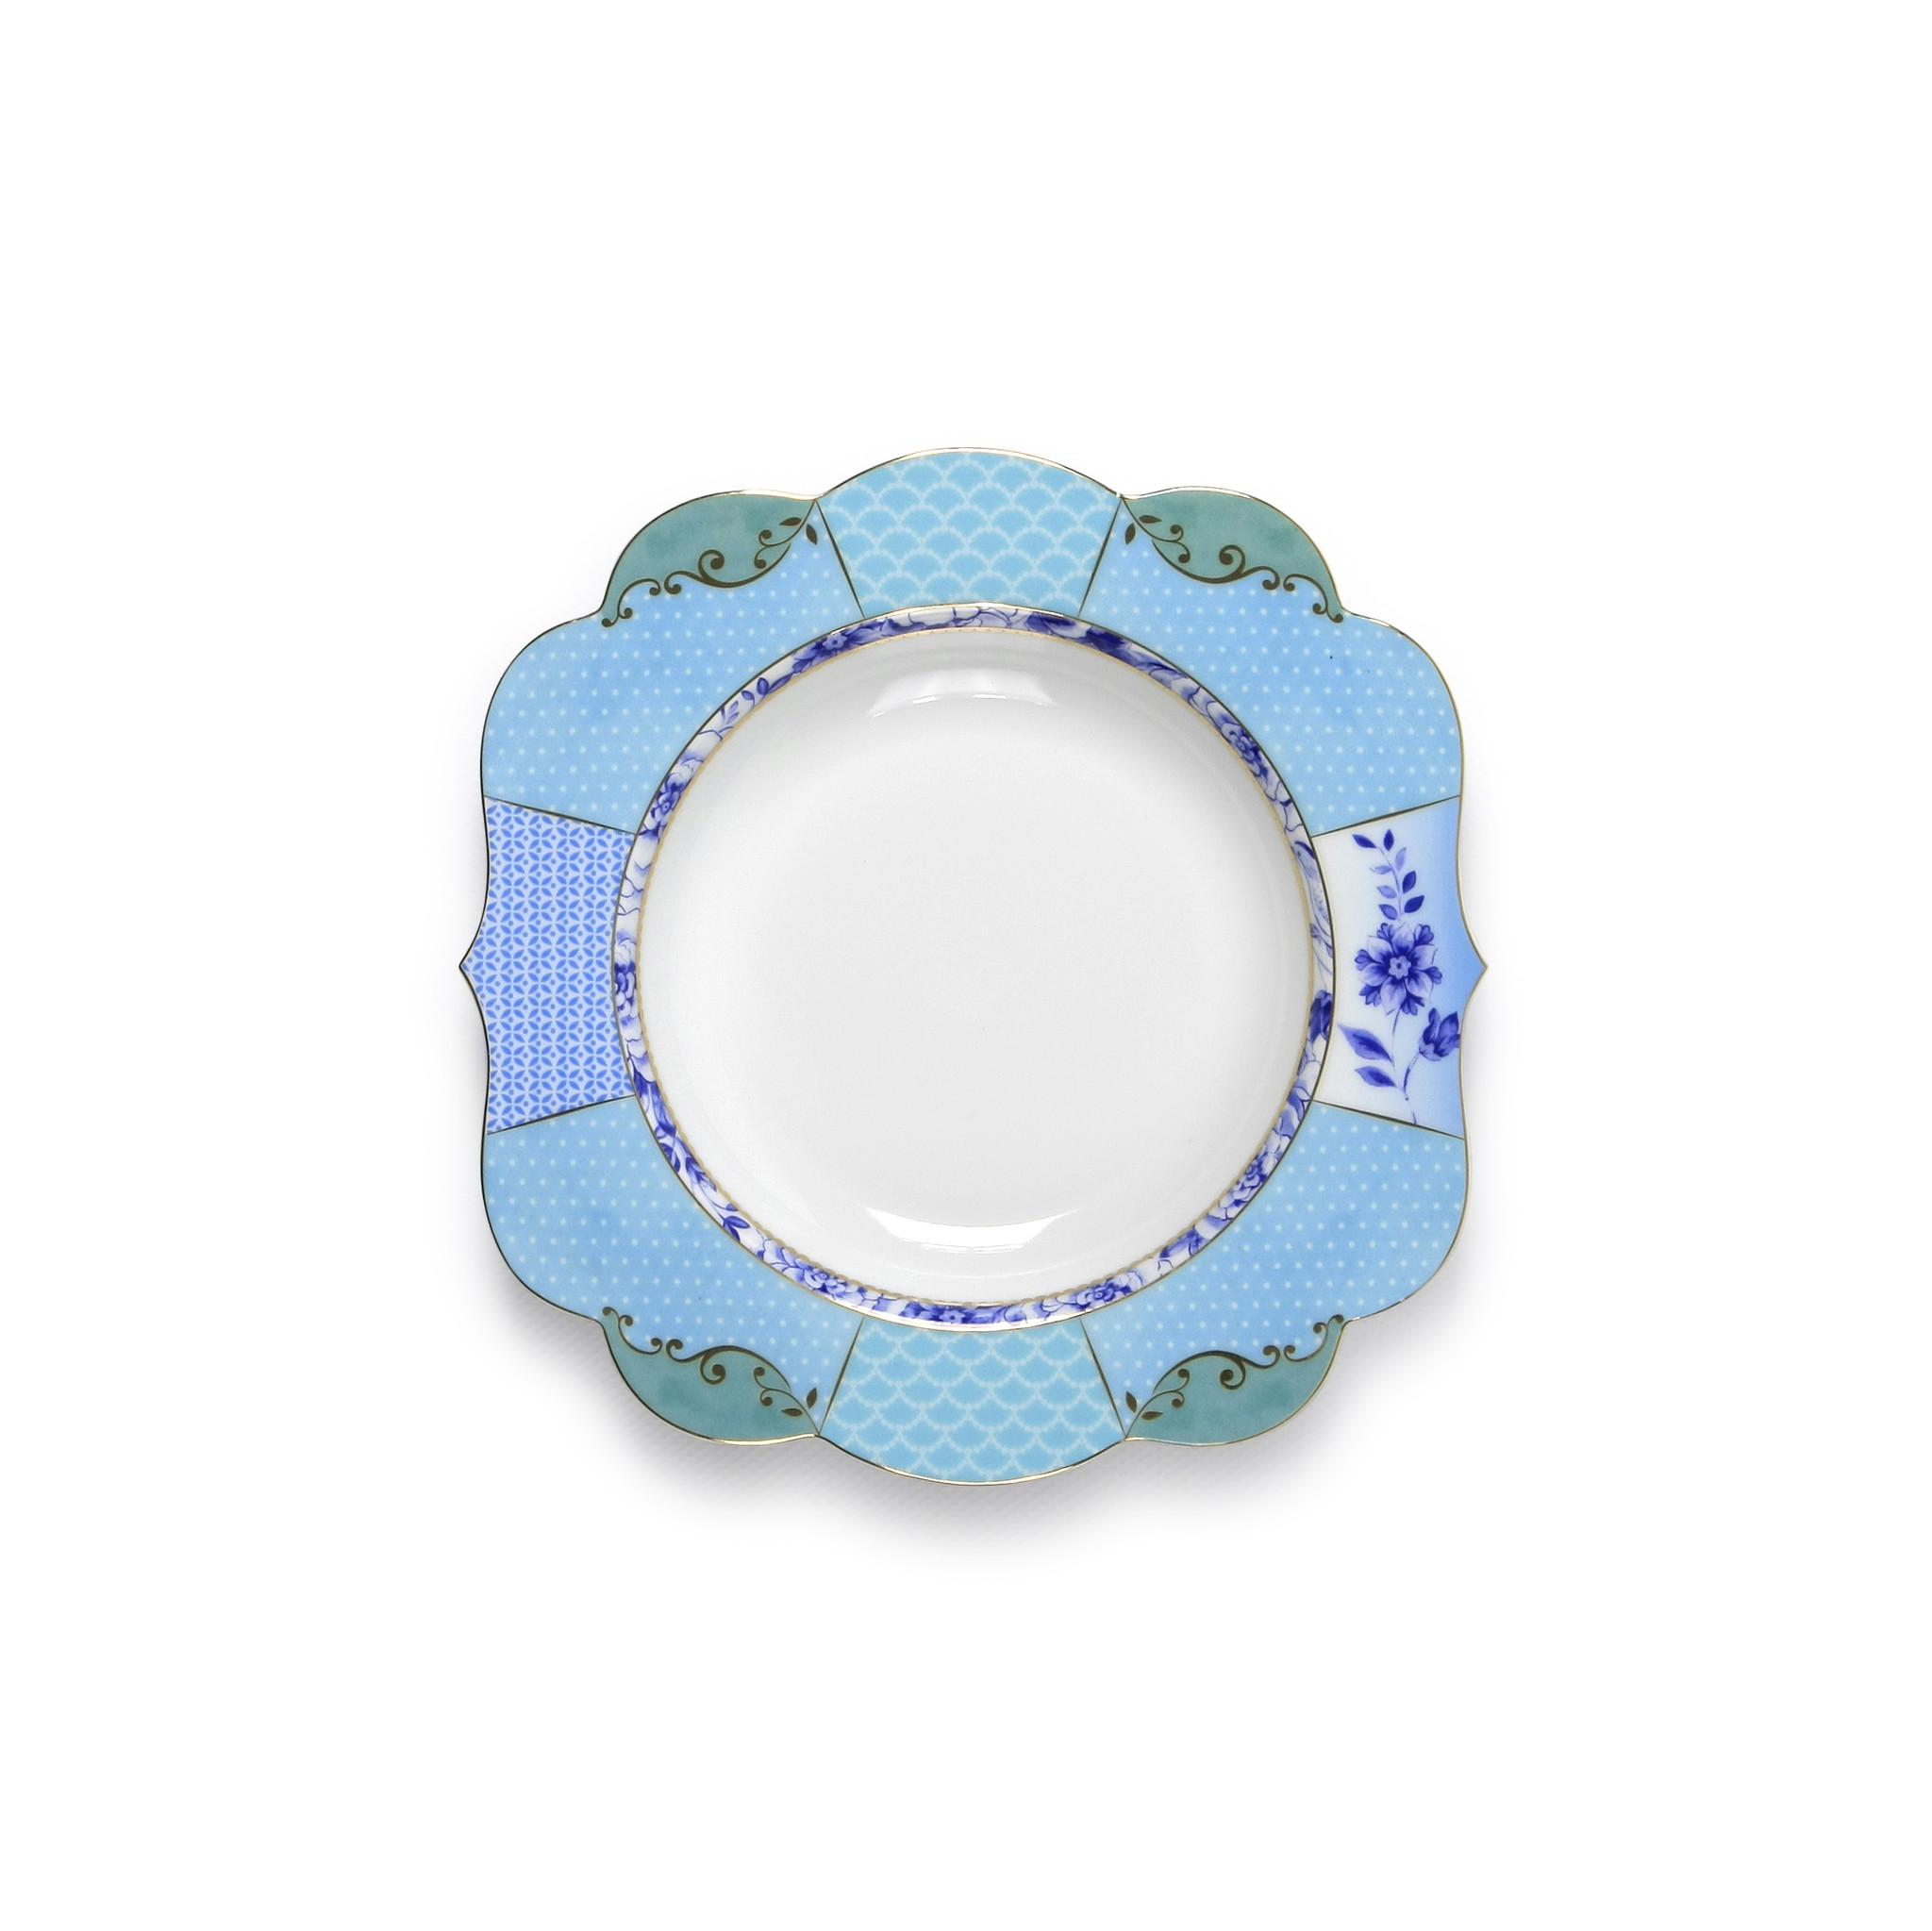 Набор глубоких тарелок Royal (2шт)Тарелки<br>Коллекция посуды Royal появилась в 2014 г. и отличается необычной формой и изысканным фарфором. Декор посуды включает в себя исторические мотивы - винтажные цветы, синие бутоны, ветви и золото. При создании коллекции были использованы самые современные печатные техники, которые позволили воплотить в жизнь изысканные винтажные принты. Коллекция Royal - это новая современная классика. Коллекция Royal идеально сочетается с предметами из коллекции Royal White. Коллекция представляет гармоничное сочетание винтажа и современных тенденций. &amp;lt;div&amp;gt;&amp;lt;br&amp;gt;&amp;lt;/div&amp;gt;&amp;lt;div&amp;gt;&amp;lt;span style=&amp;quot;font-size: 14px;&amp;quot;&amp;gt;Не использовать в микроволновой печи. Не рекомендуется мыть в посудомоечной машине.&amp;amp;nbsp;&amp;lt;/span&amp;gt;&amp;lt;br&amp;gt;&amp;lt;/div&amp;gt;<br><br>Material: Фарфор<br>Высота см: 2